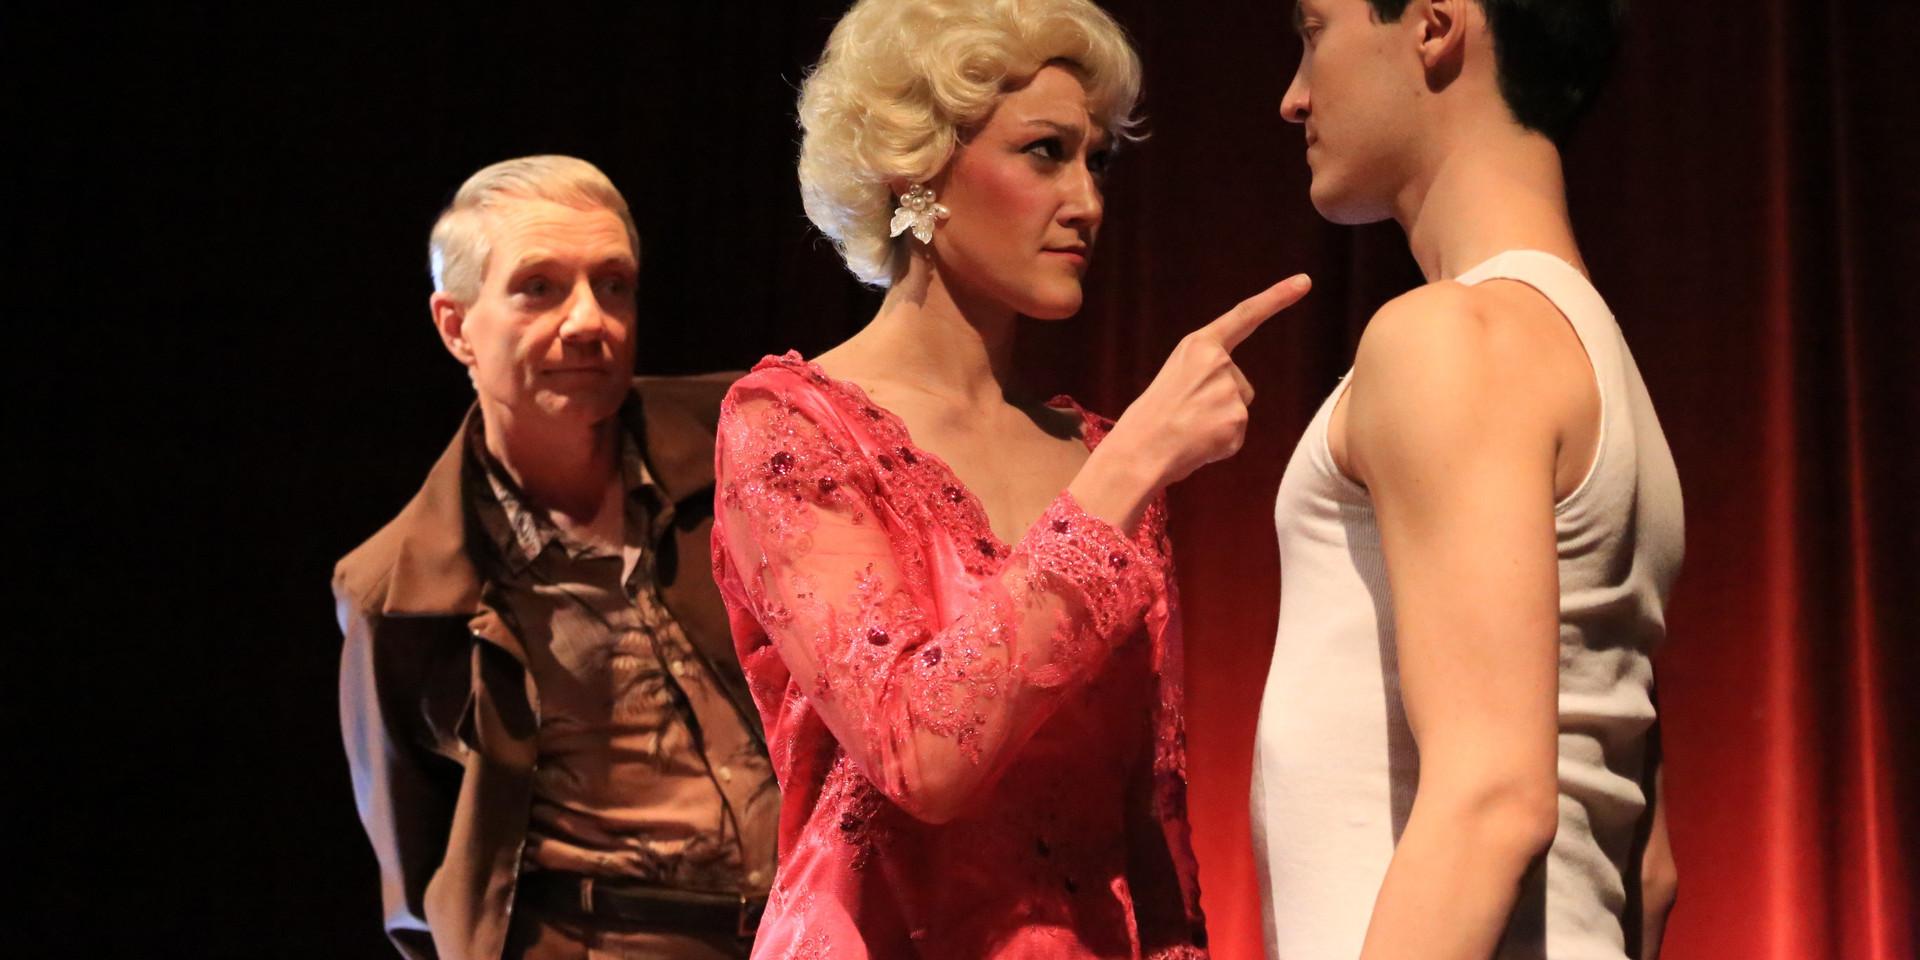 Scott, Shirley and Doug Hastings